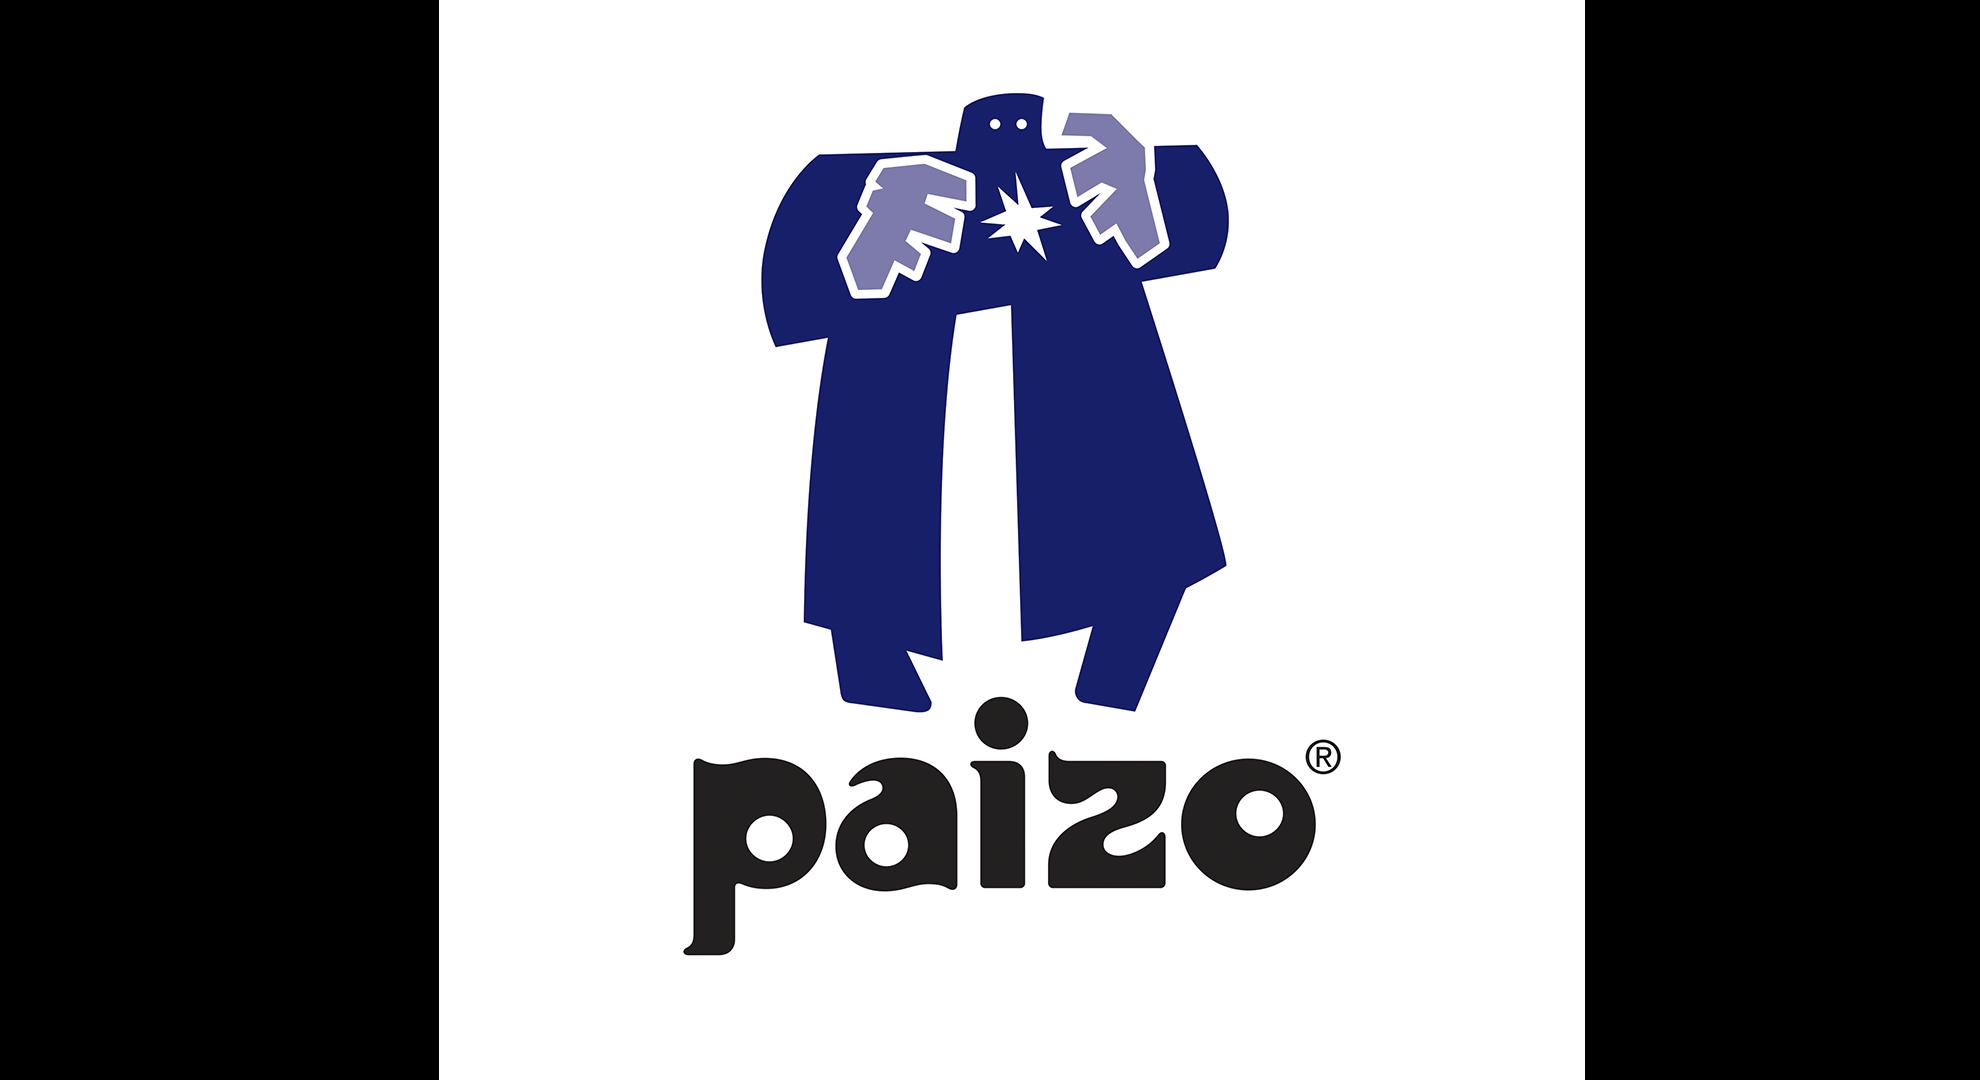 paizo_logo_card_plain.png